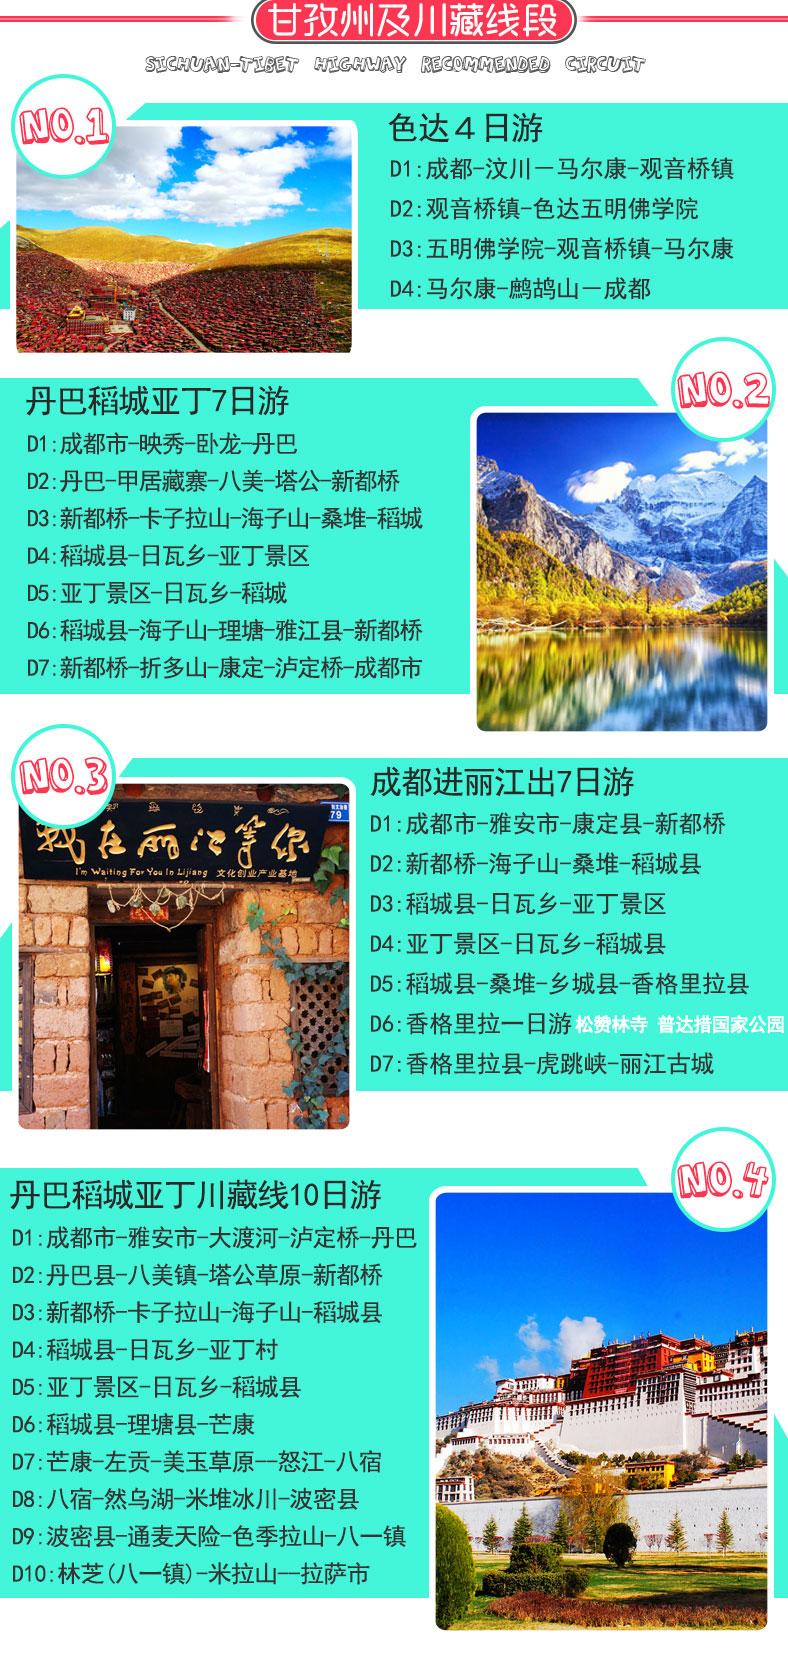 成都旅游包车(全包价+行程策划+可定制路线)